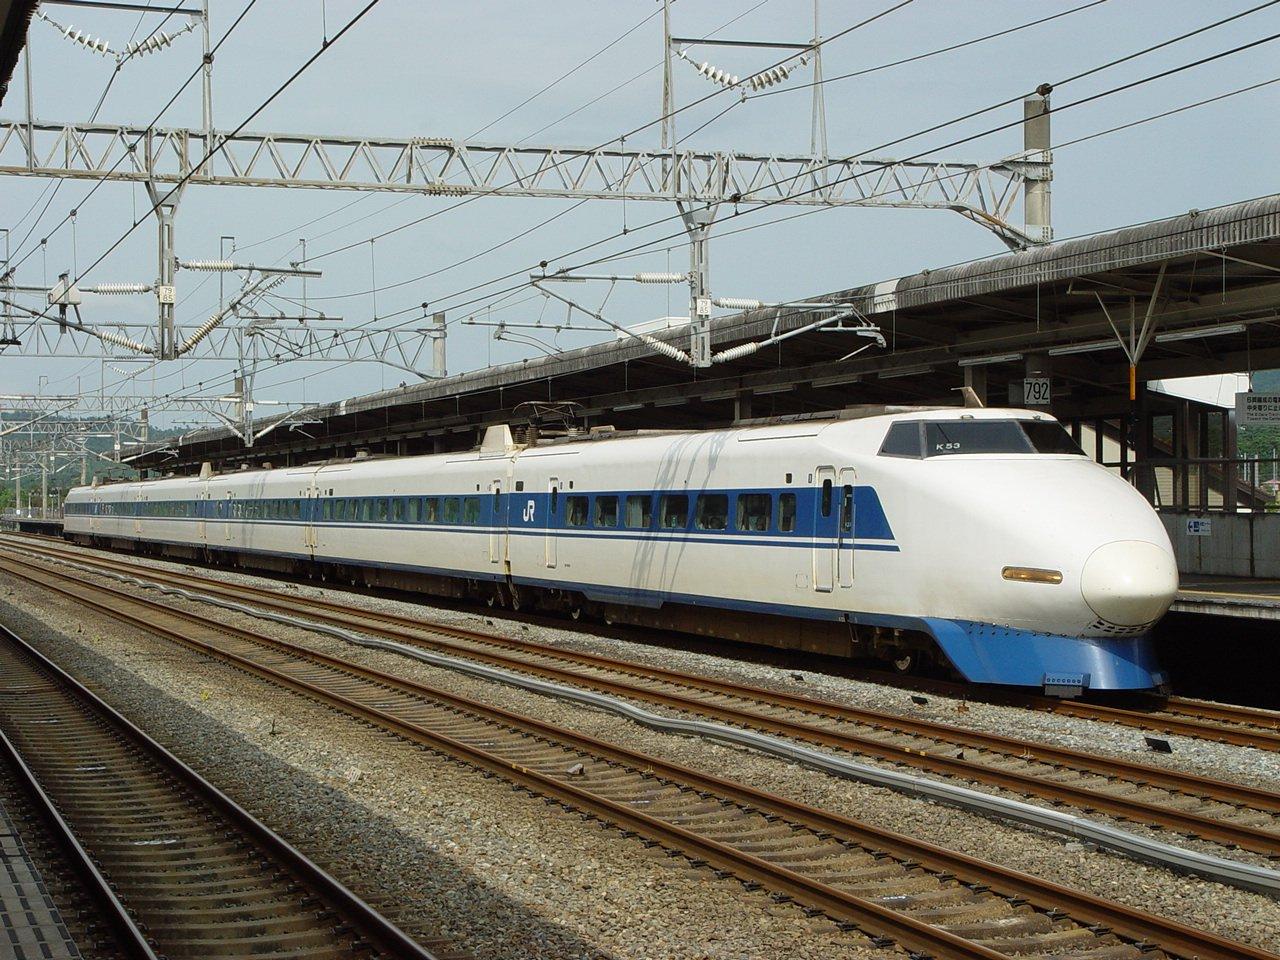 Shinkansen Bullet Train Now 50 Years Old